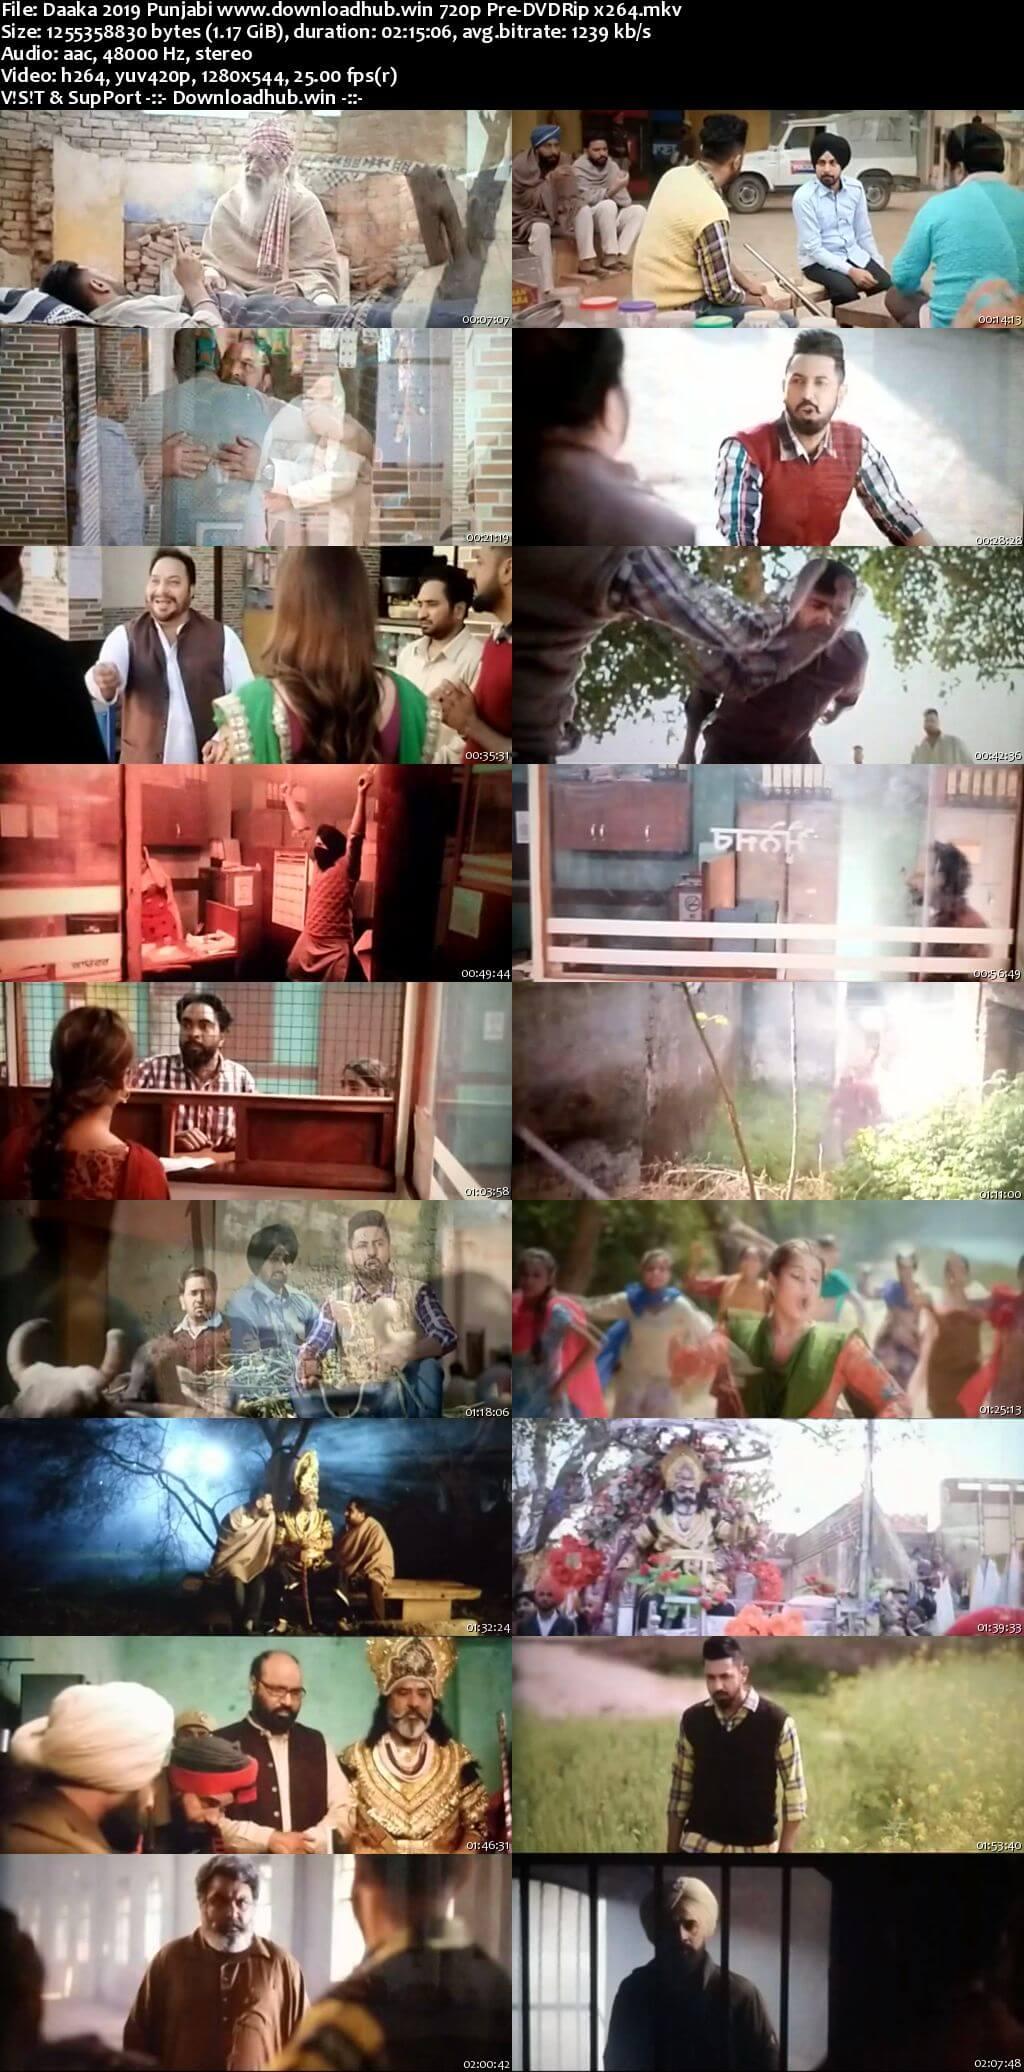 Daaka 2019 Punjabi 720p 480p Pre-DVDRip x264